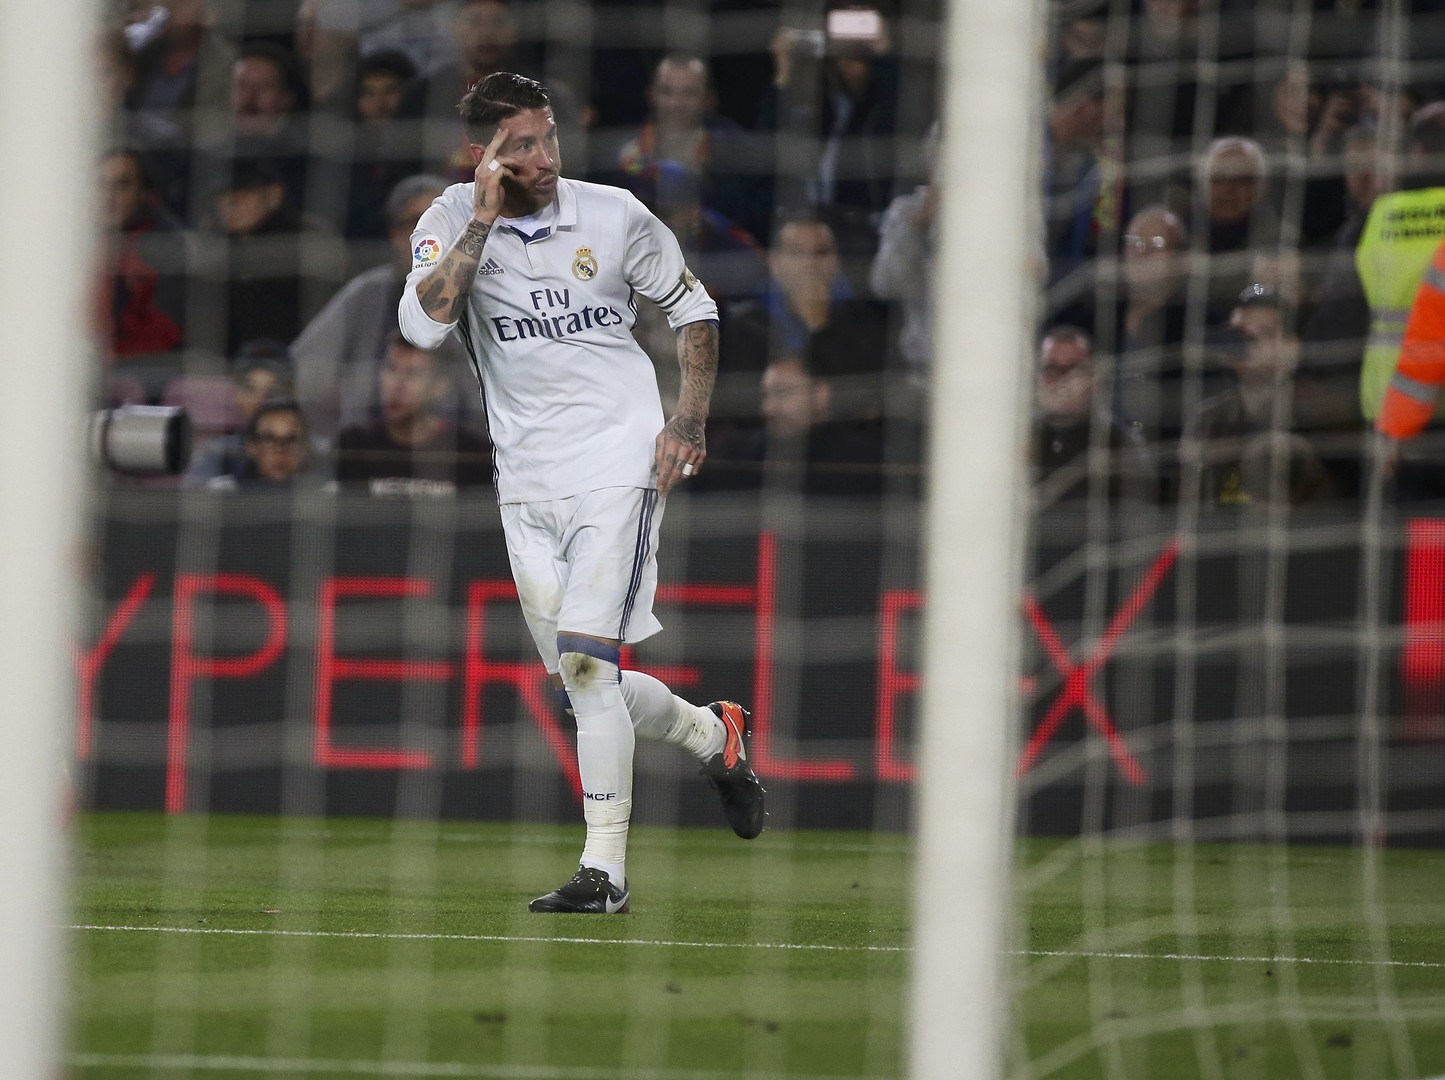 Спасибо, кэп: Серхио Рамос спас «Реал» от поражения в Эль-Класико